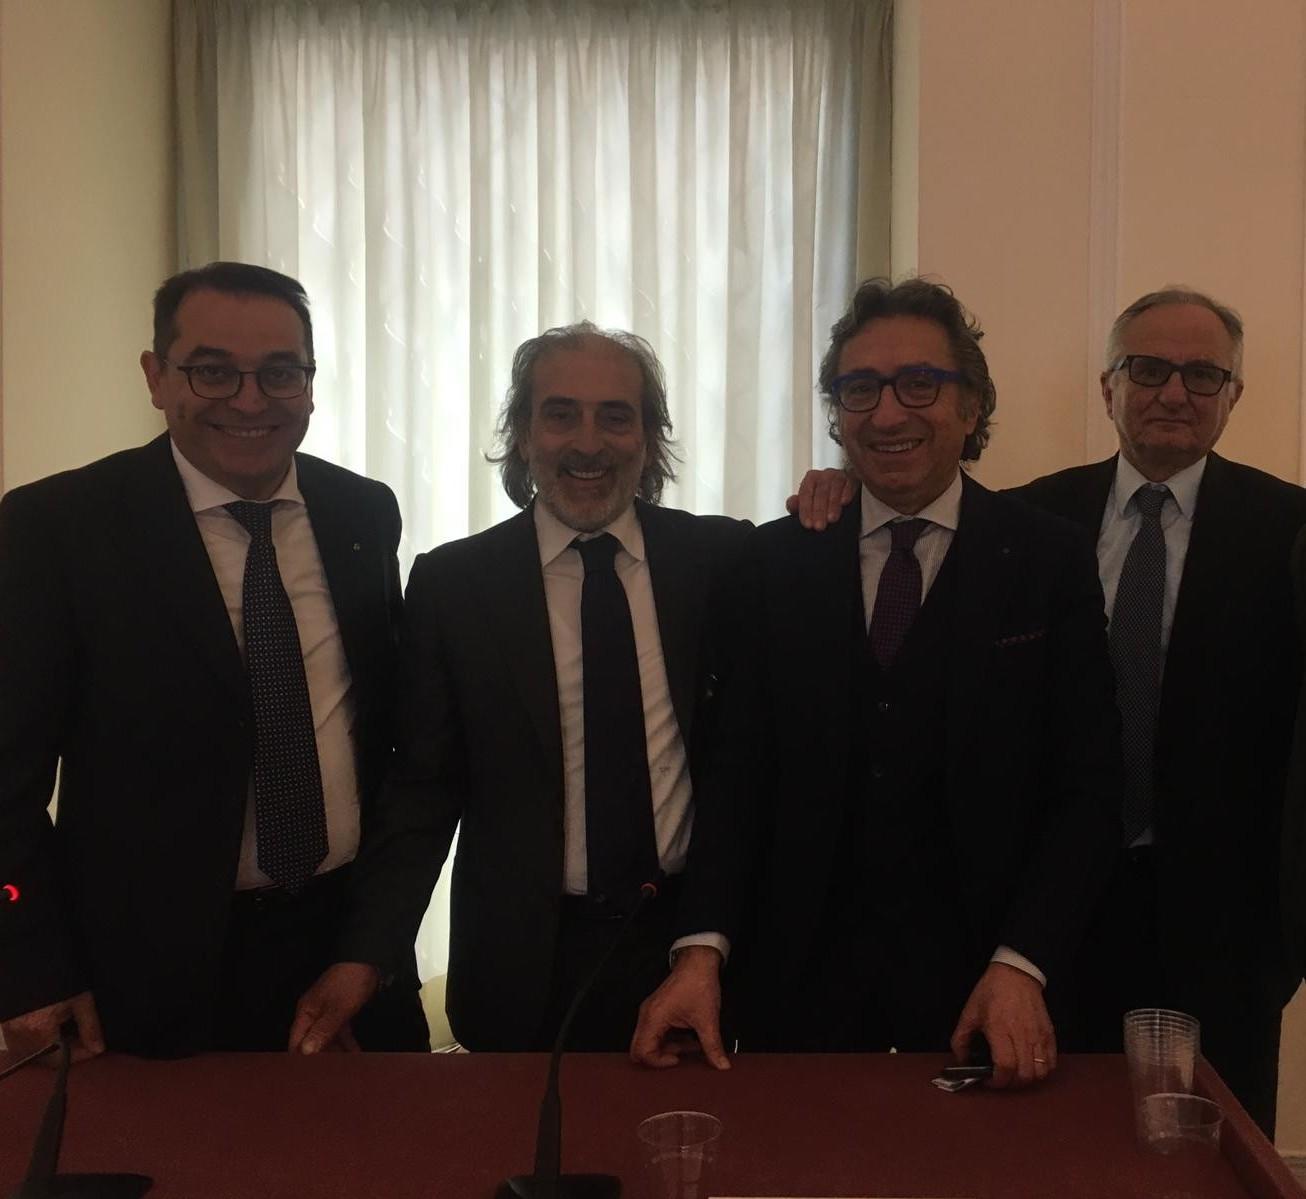 Da sinistra: Pasquale Russo, Domenico Porcaro, Valentino Di Pisa, Giuseppe Ceparano